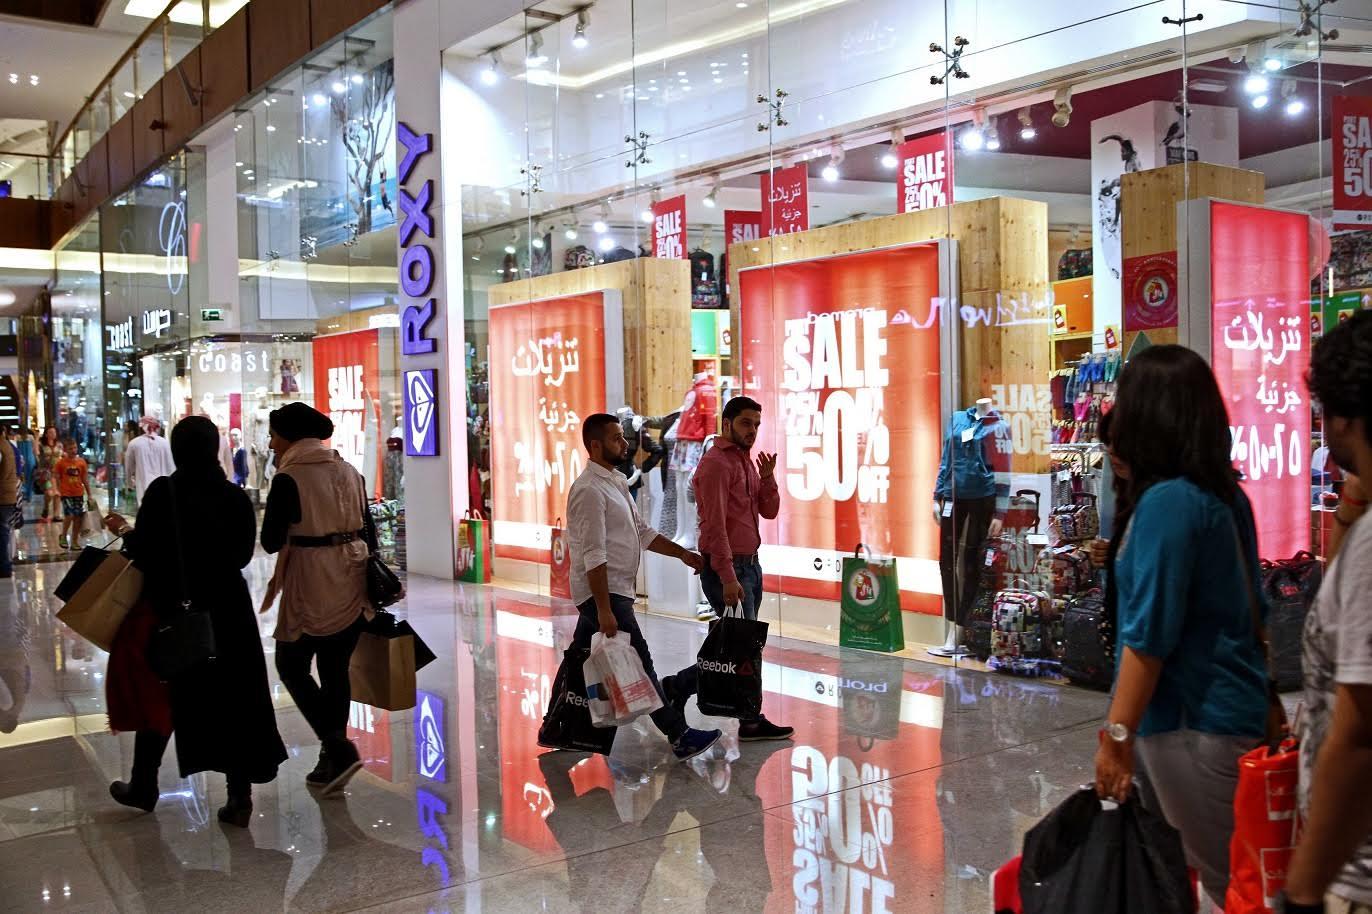 """لا تفوتوا المشاركة في الحملة الترويجية """"تسوّق ممتع وربح سعيد"""" خلال مهرجان دبي للتسوق2017"""